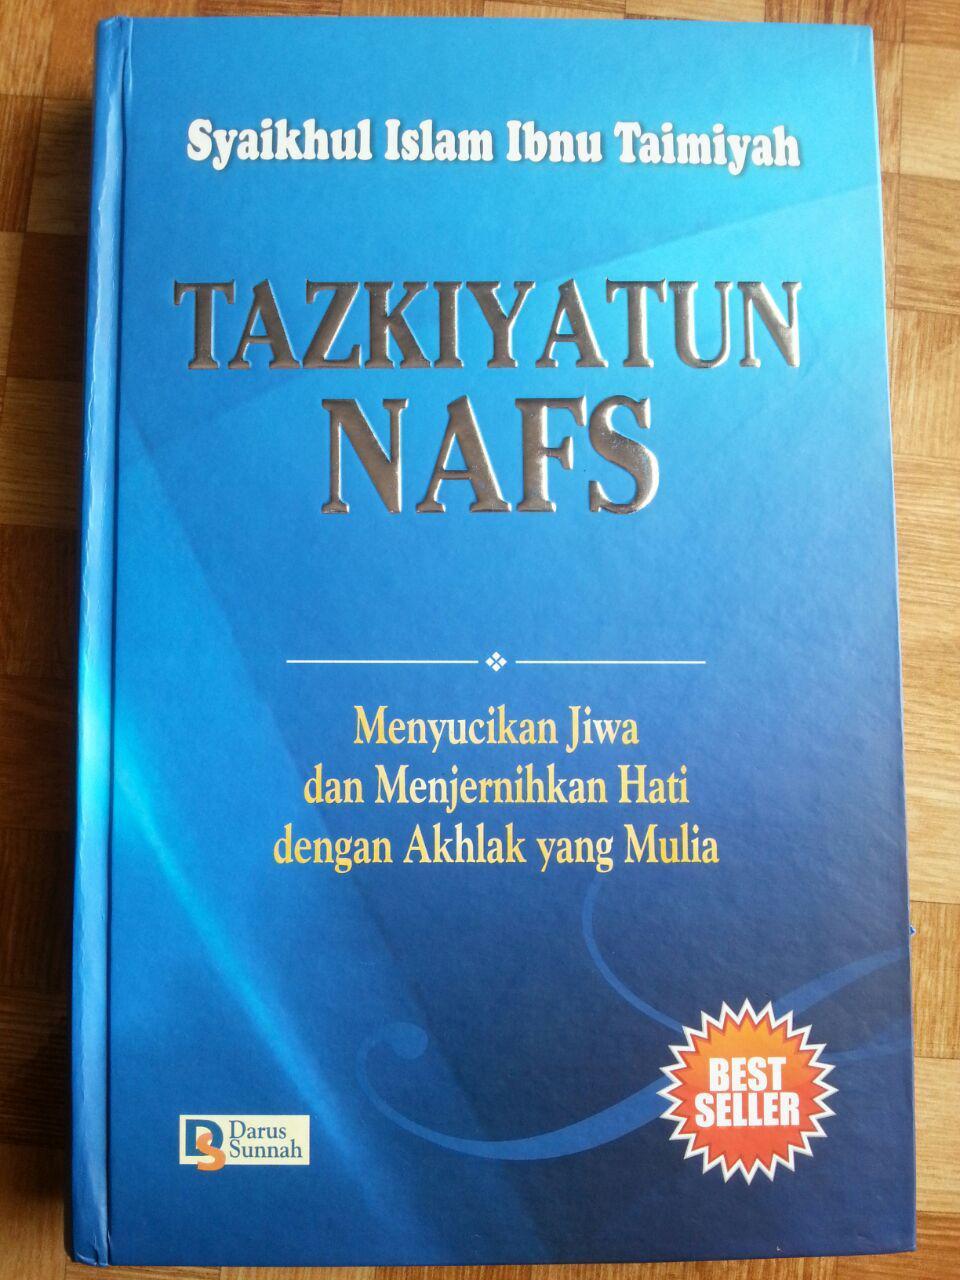 Buku Tazkiyatun Nafs cover 2